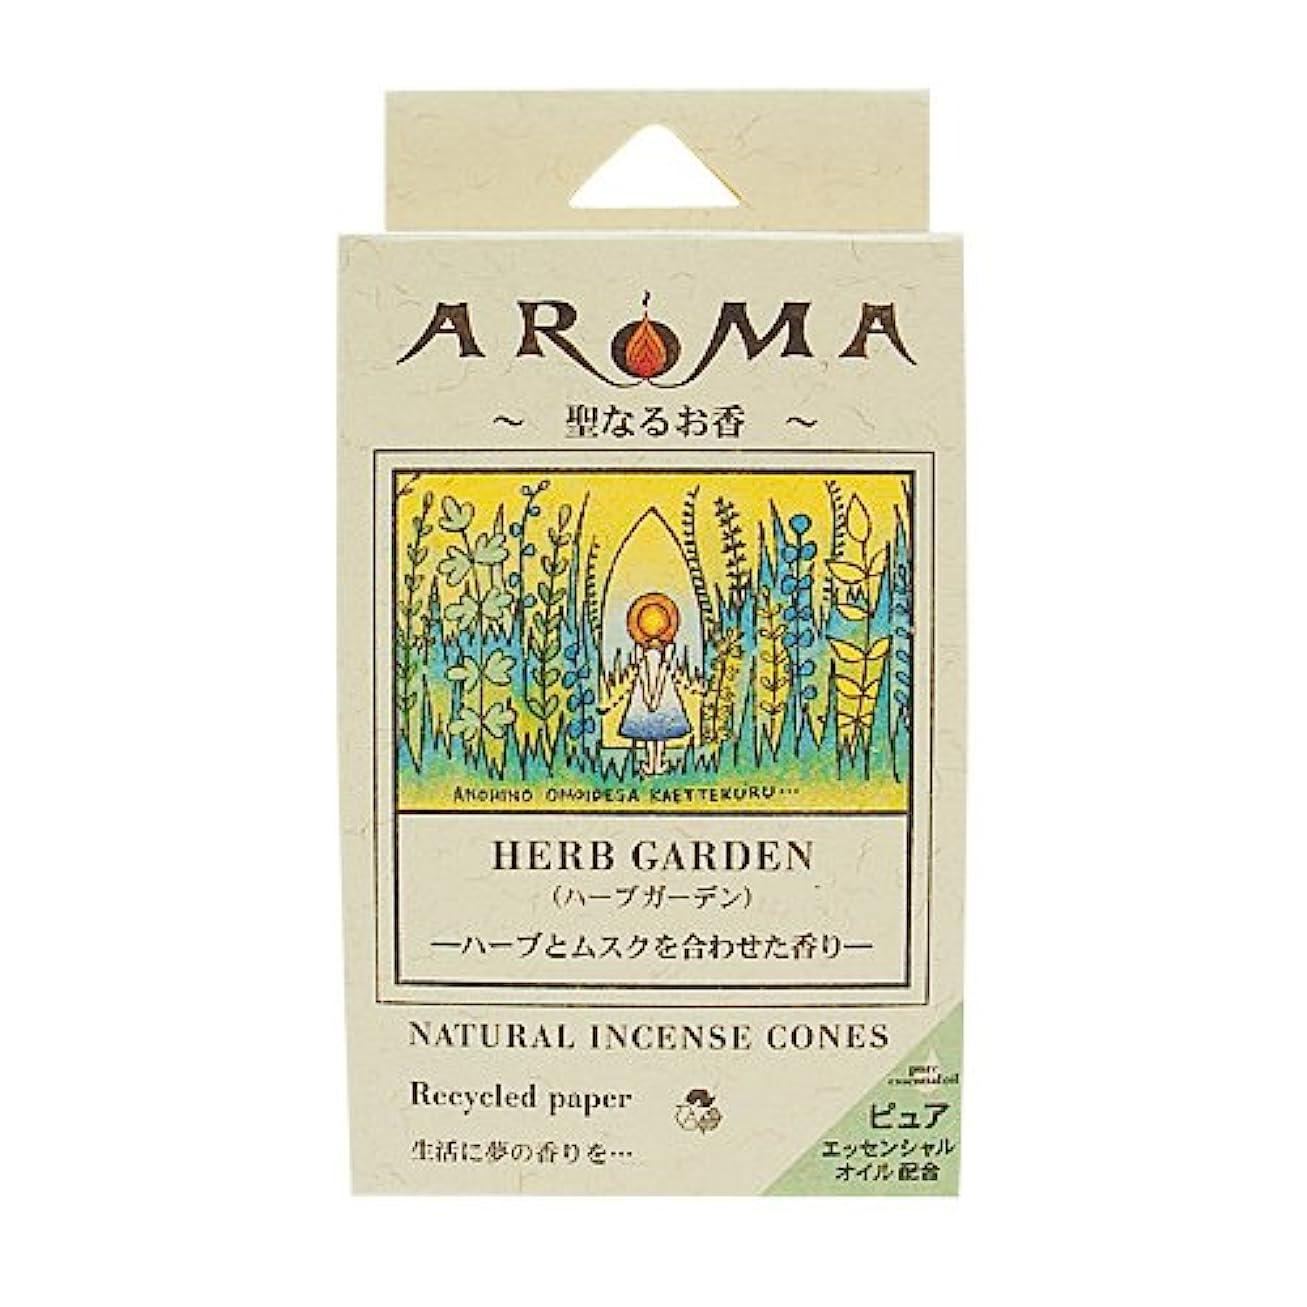 厳密に世辞解くアロマ香 ハーブガーデン 16粒(コーンタイプインセンス 1粒の燃焼時間約20分 ハーブとムスクの香り)